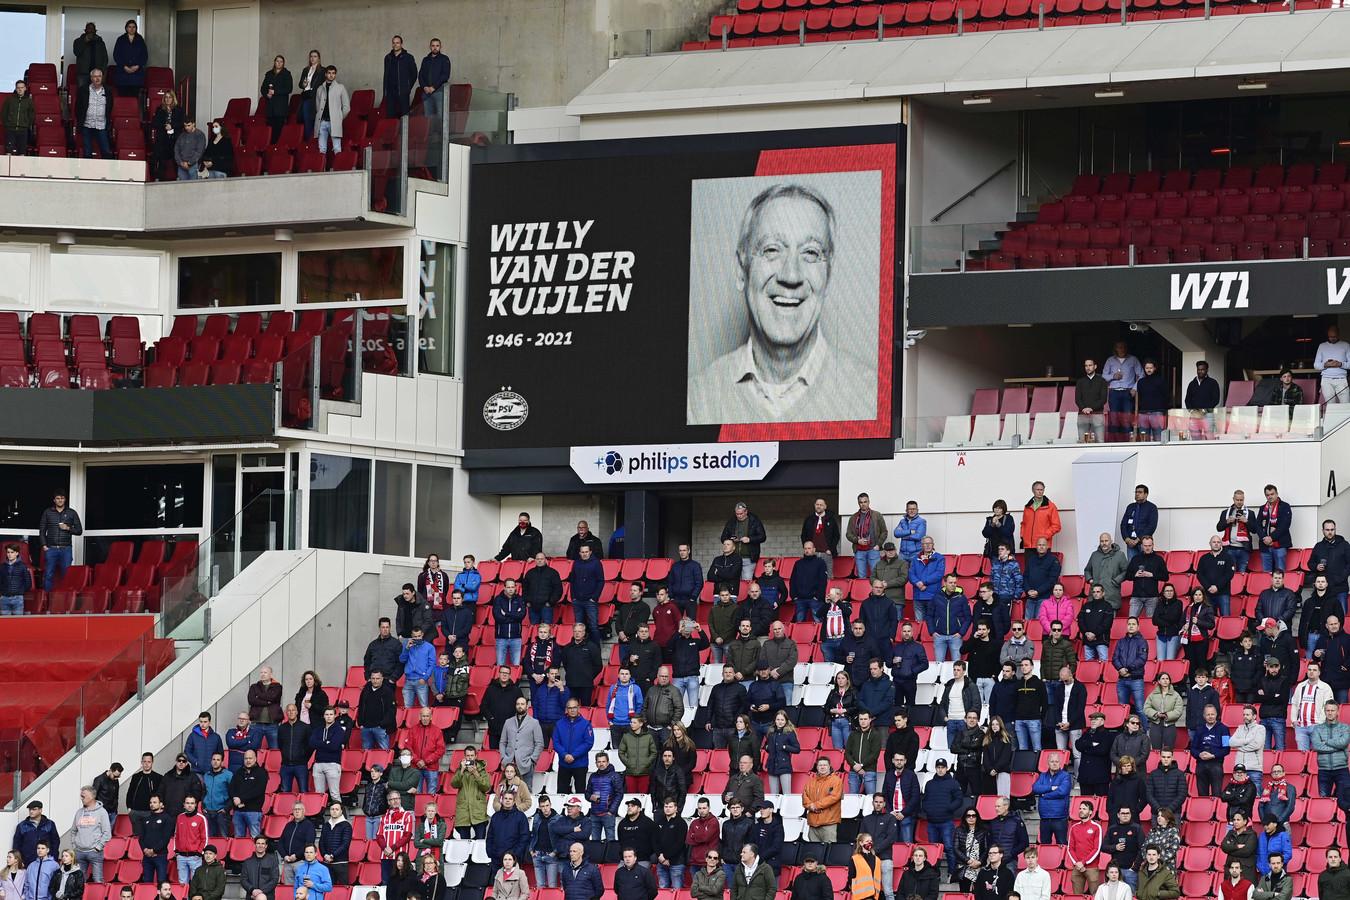 Een minuut stilte voor Willy van der Kuijlen.